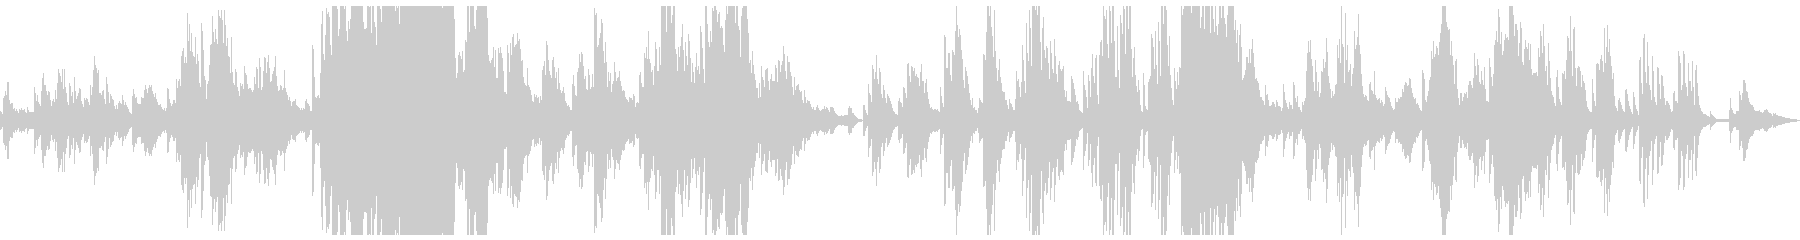 ドビュッシー「夢」ピアノ Debussyの未再生の波形